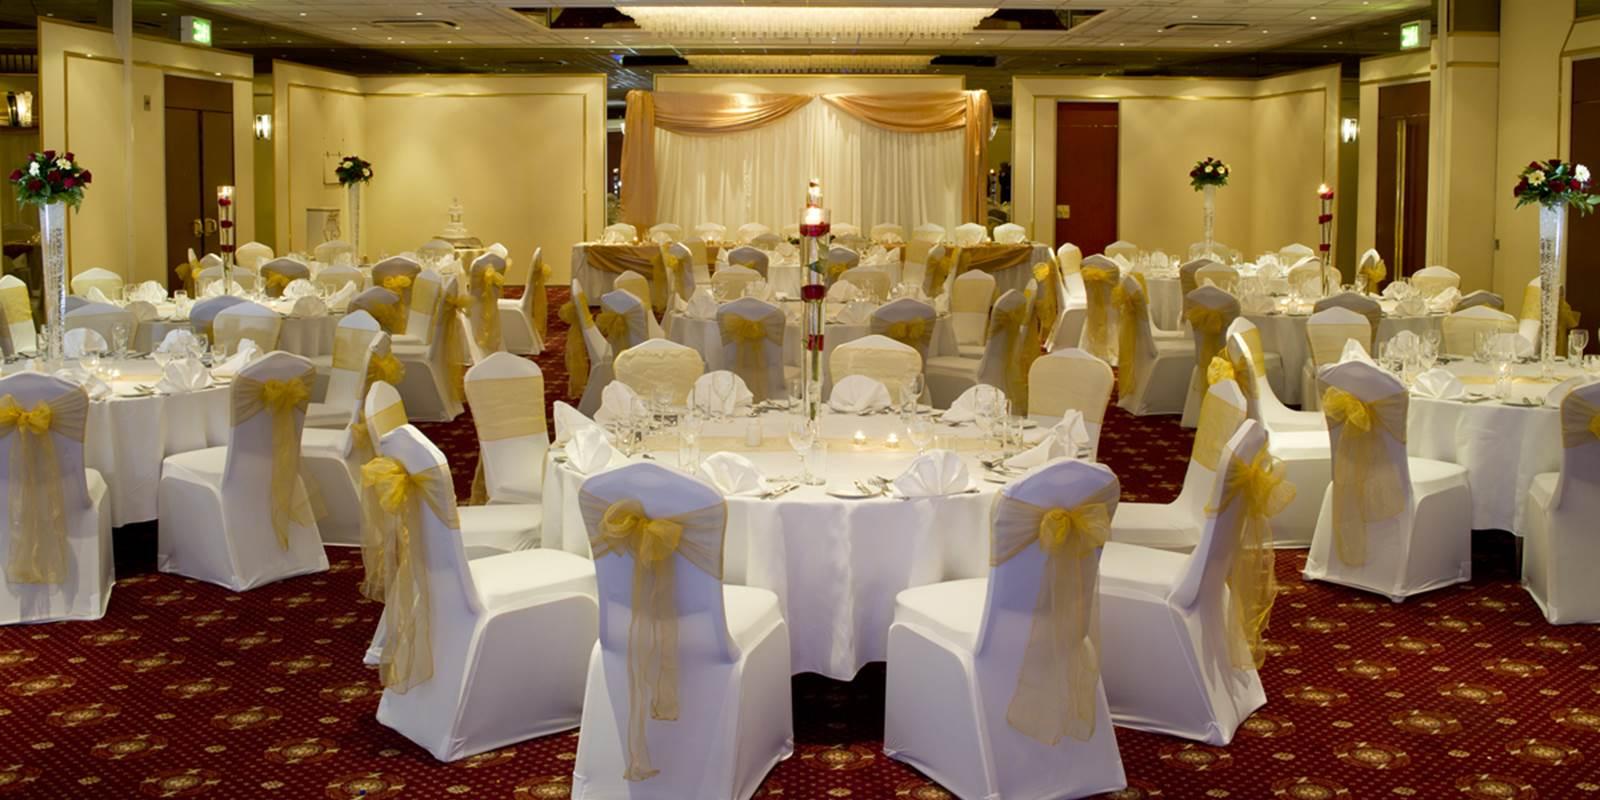 Wedding Venues In Croydon Croydon Park Hotel